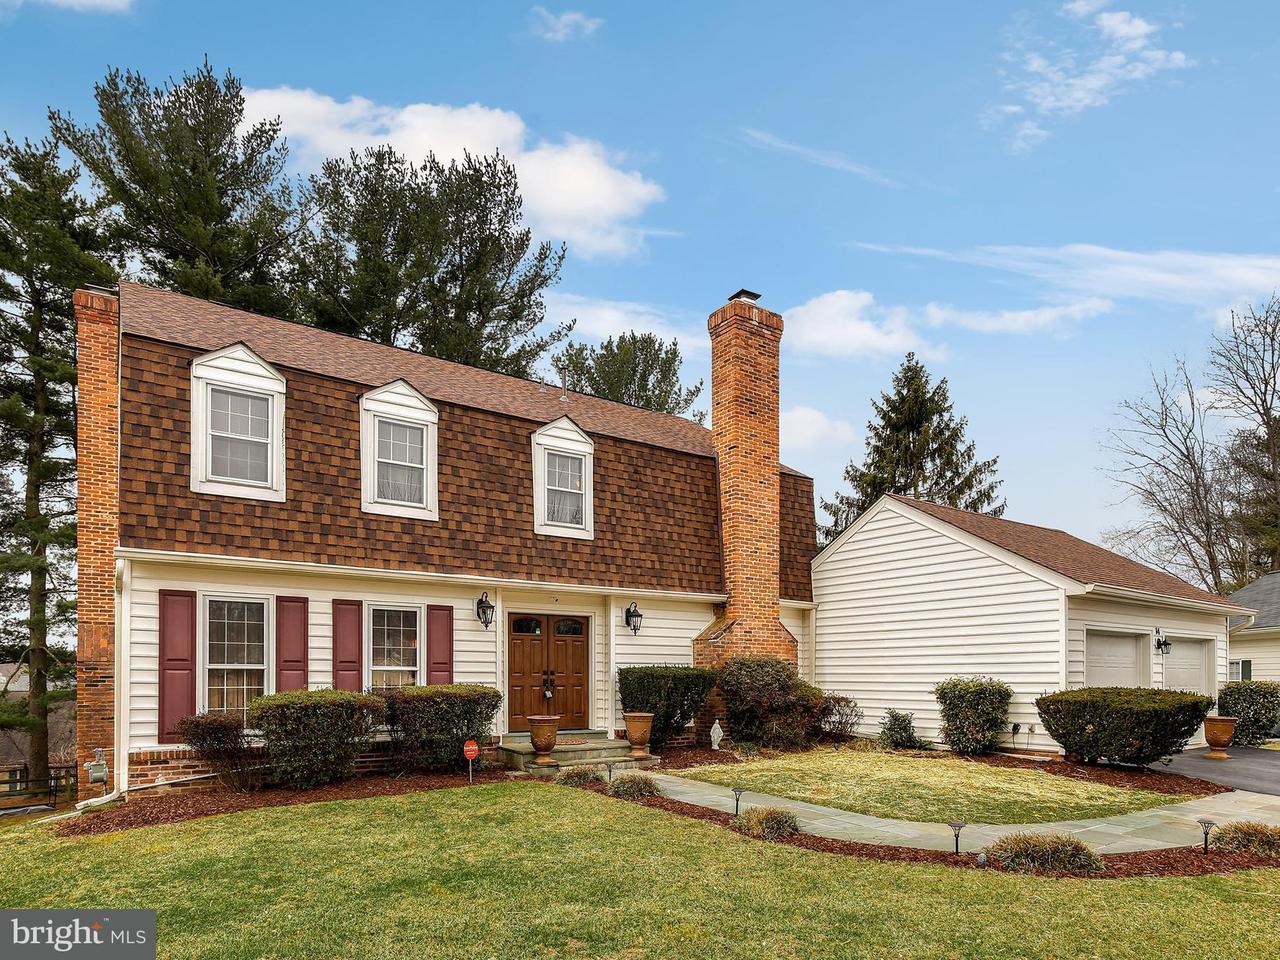 独户住宅 为 销售 在 14 Mastenbrook Court 14 Mastenbrook Court Montgomery Village, 马里兰州 20886 美国